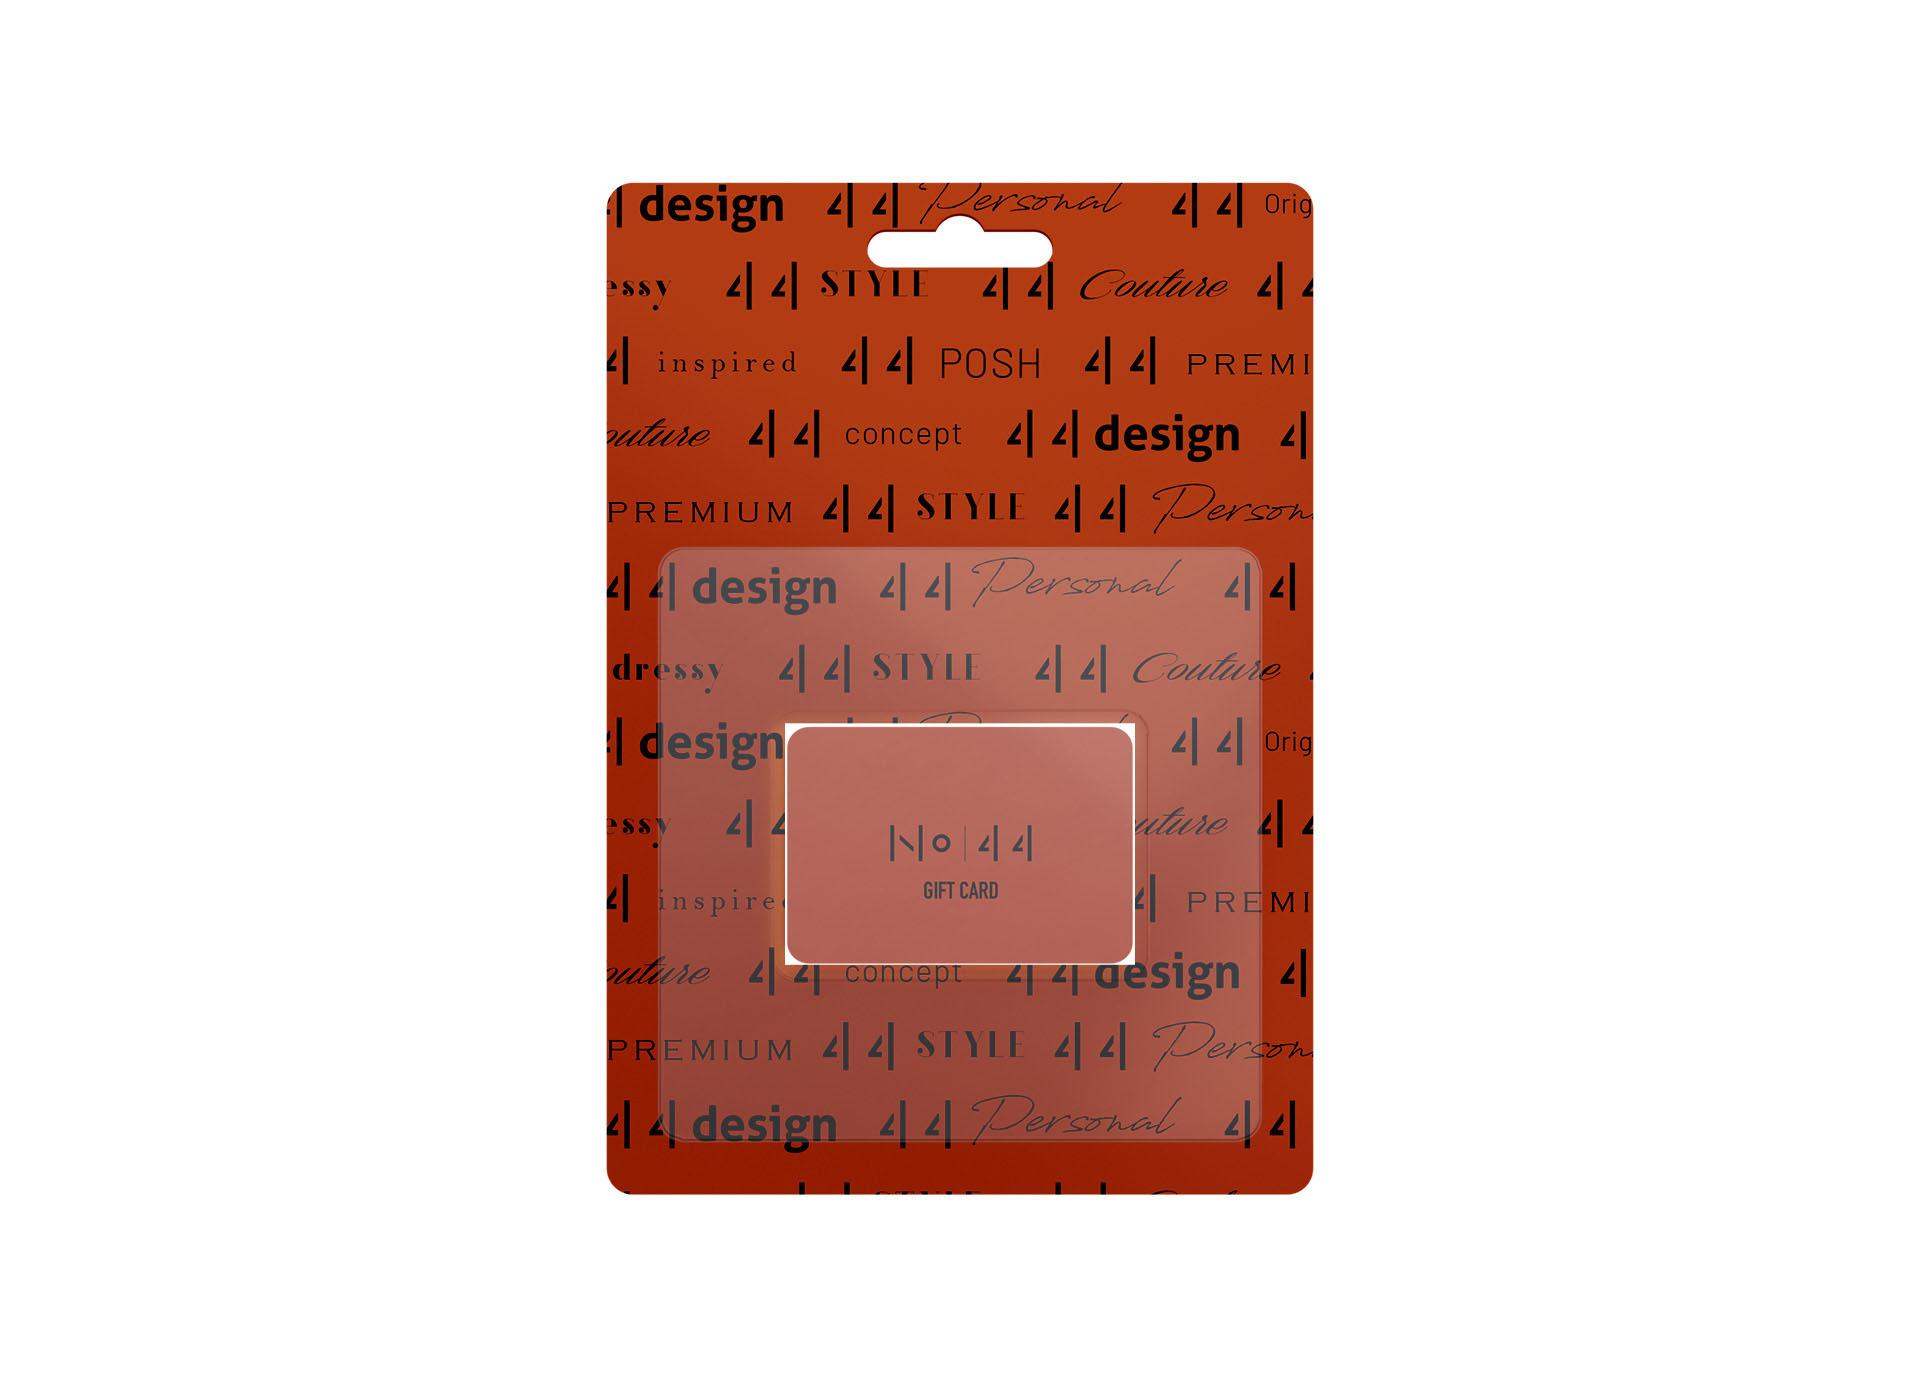 NO44 portofoliu inoveo gift card